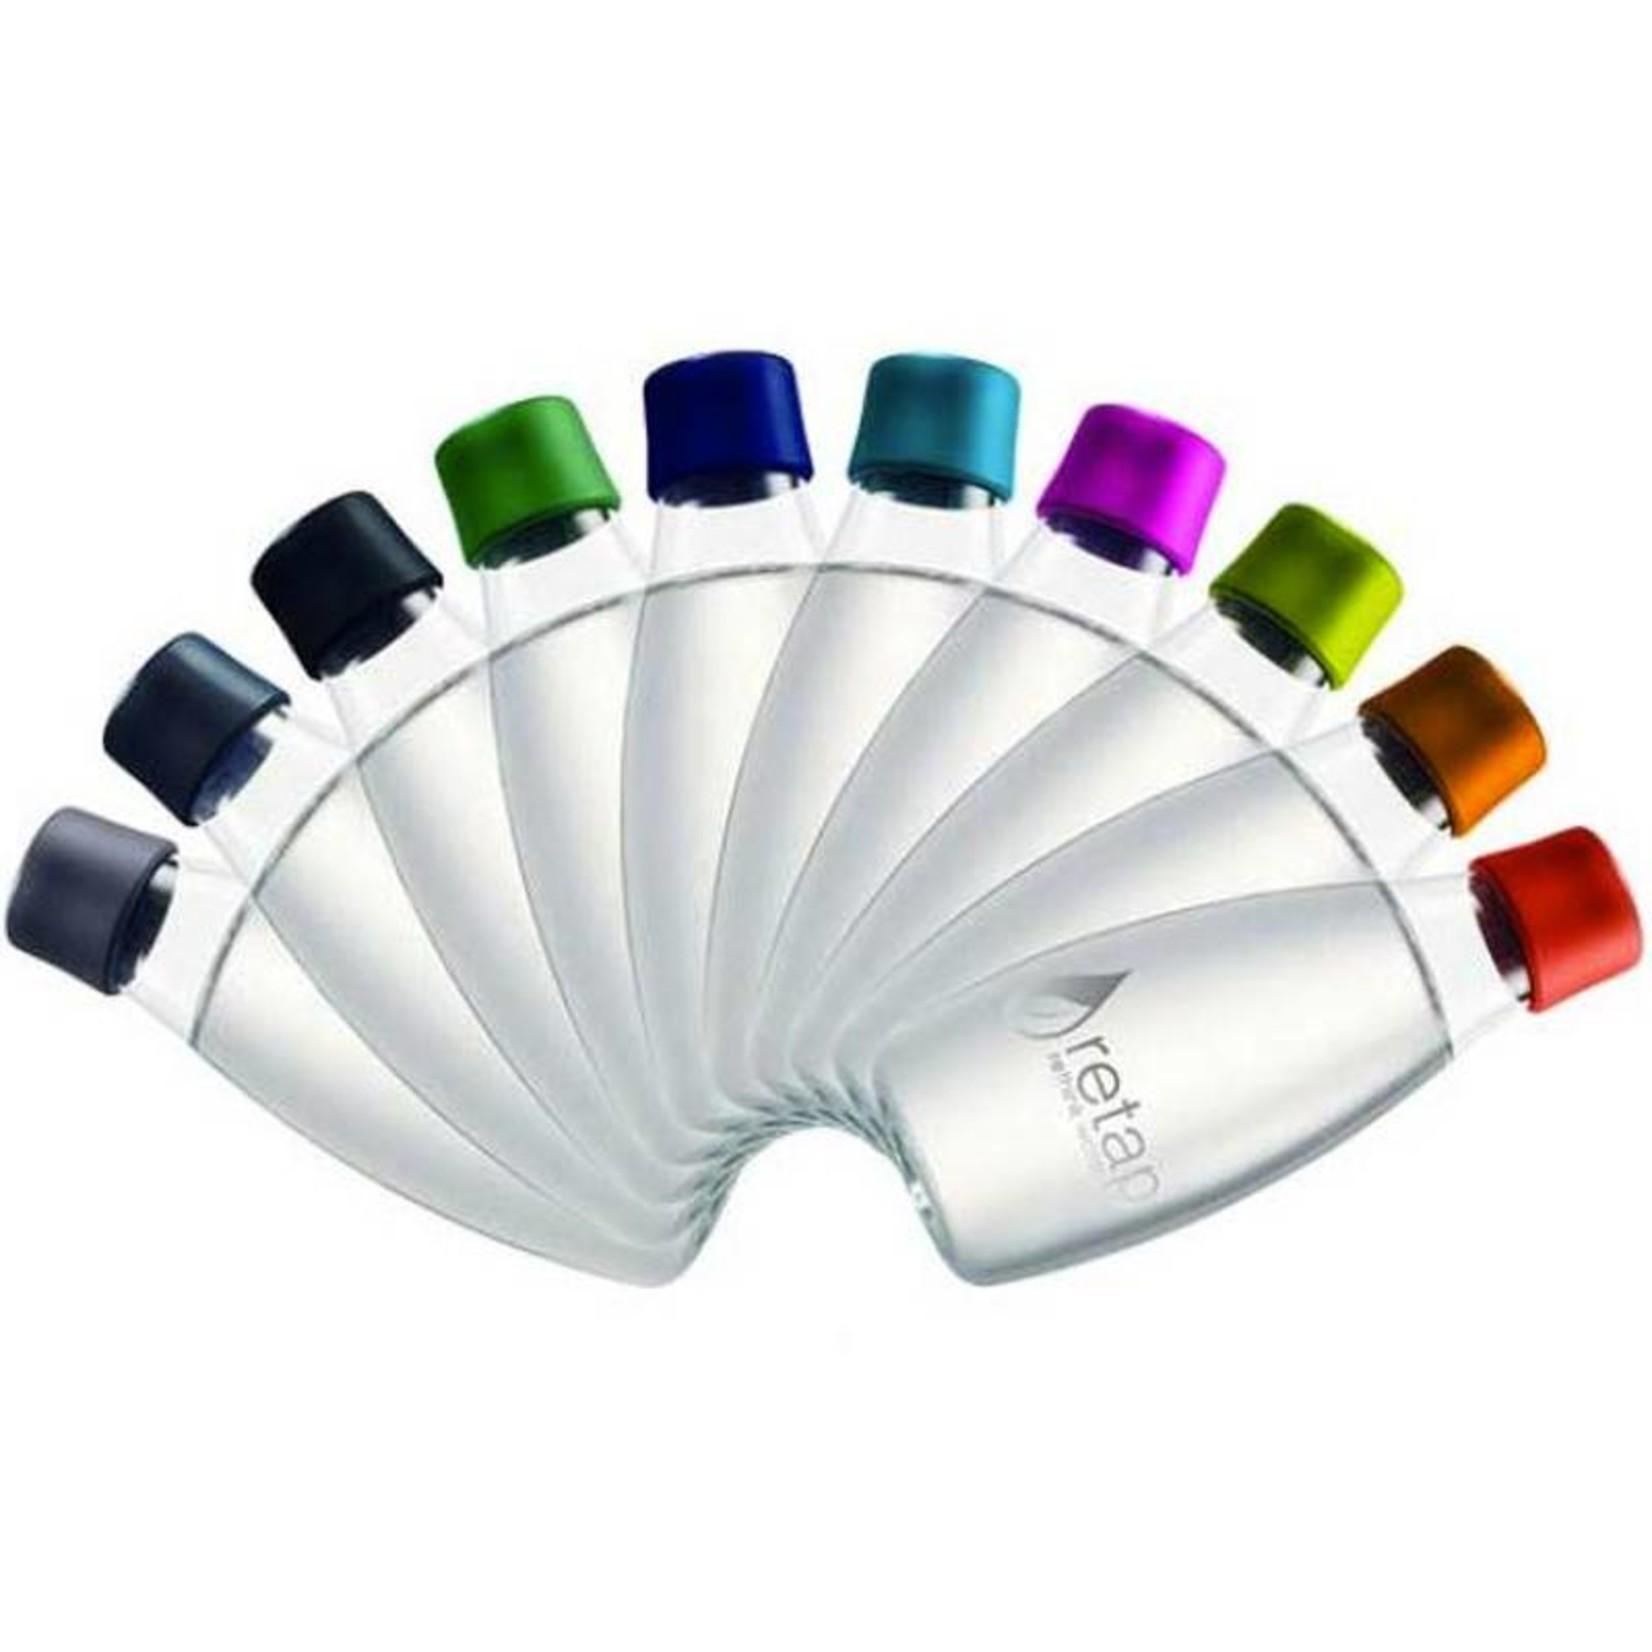 Retap Retap dop, in verschillende kleuren